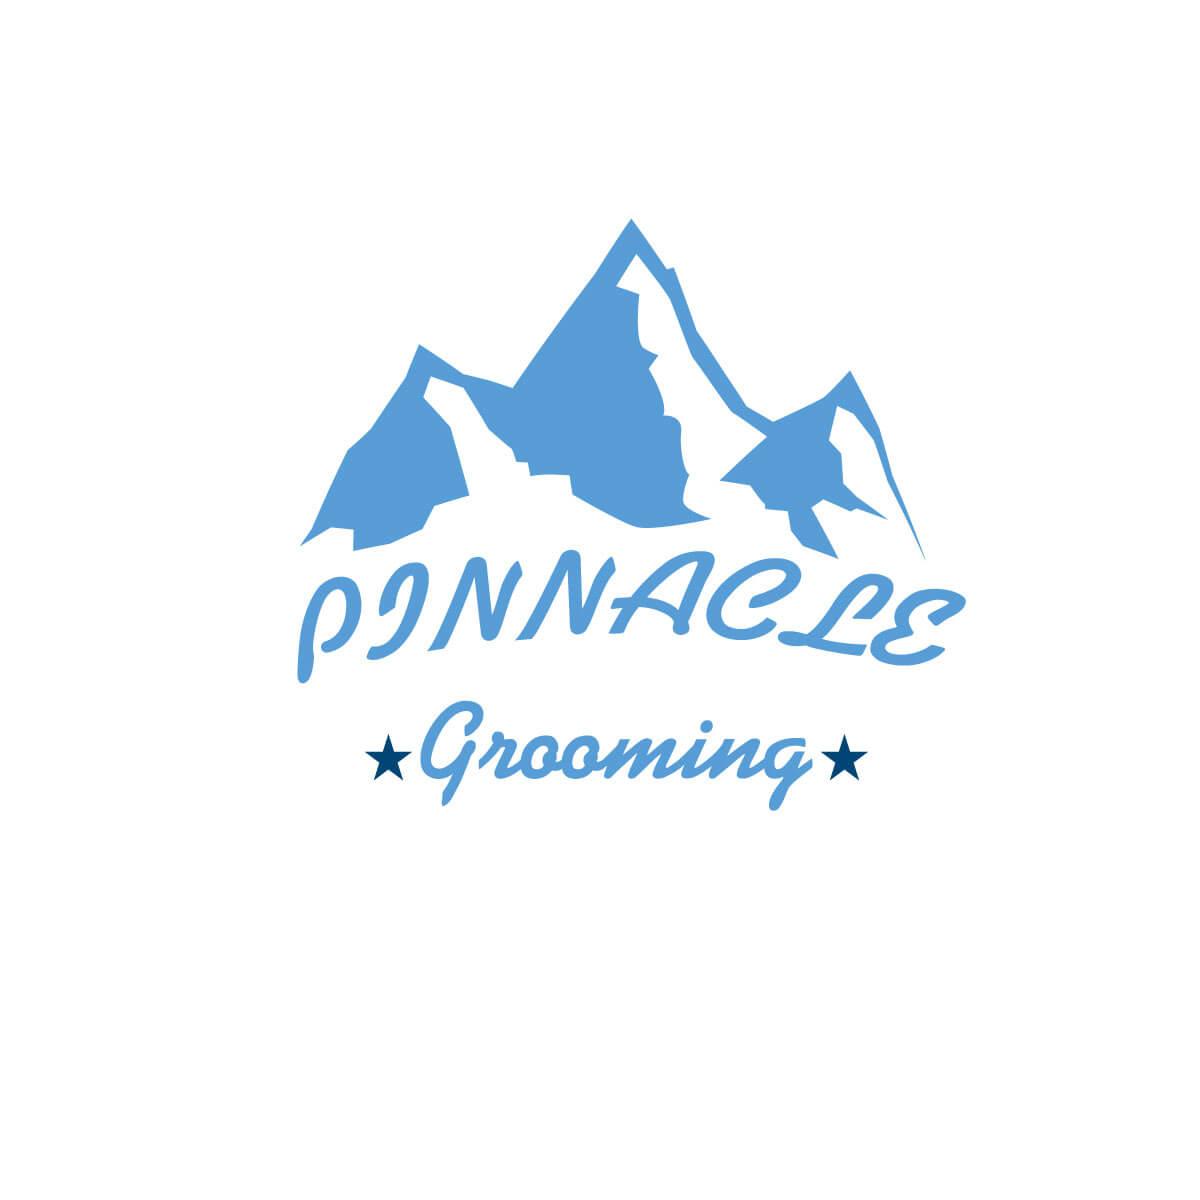 Pinnacle Grooming